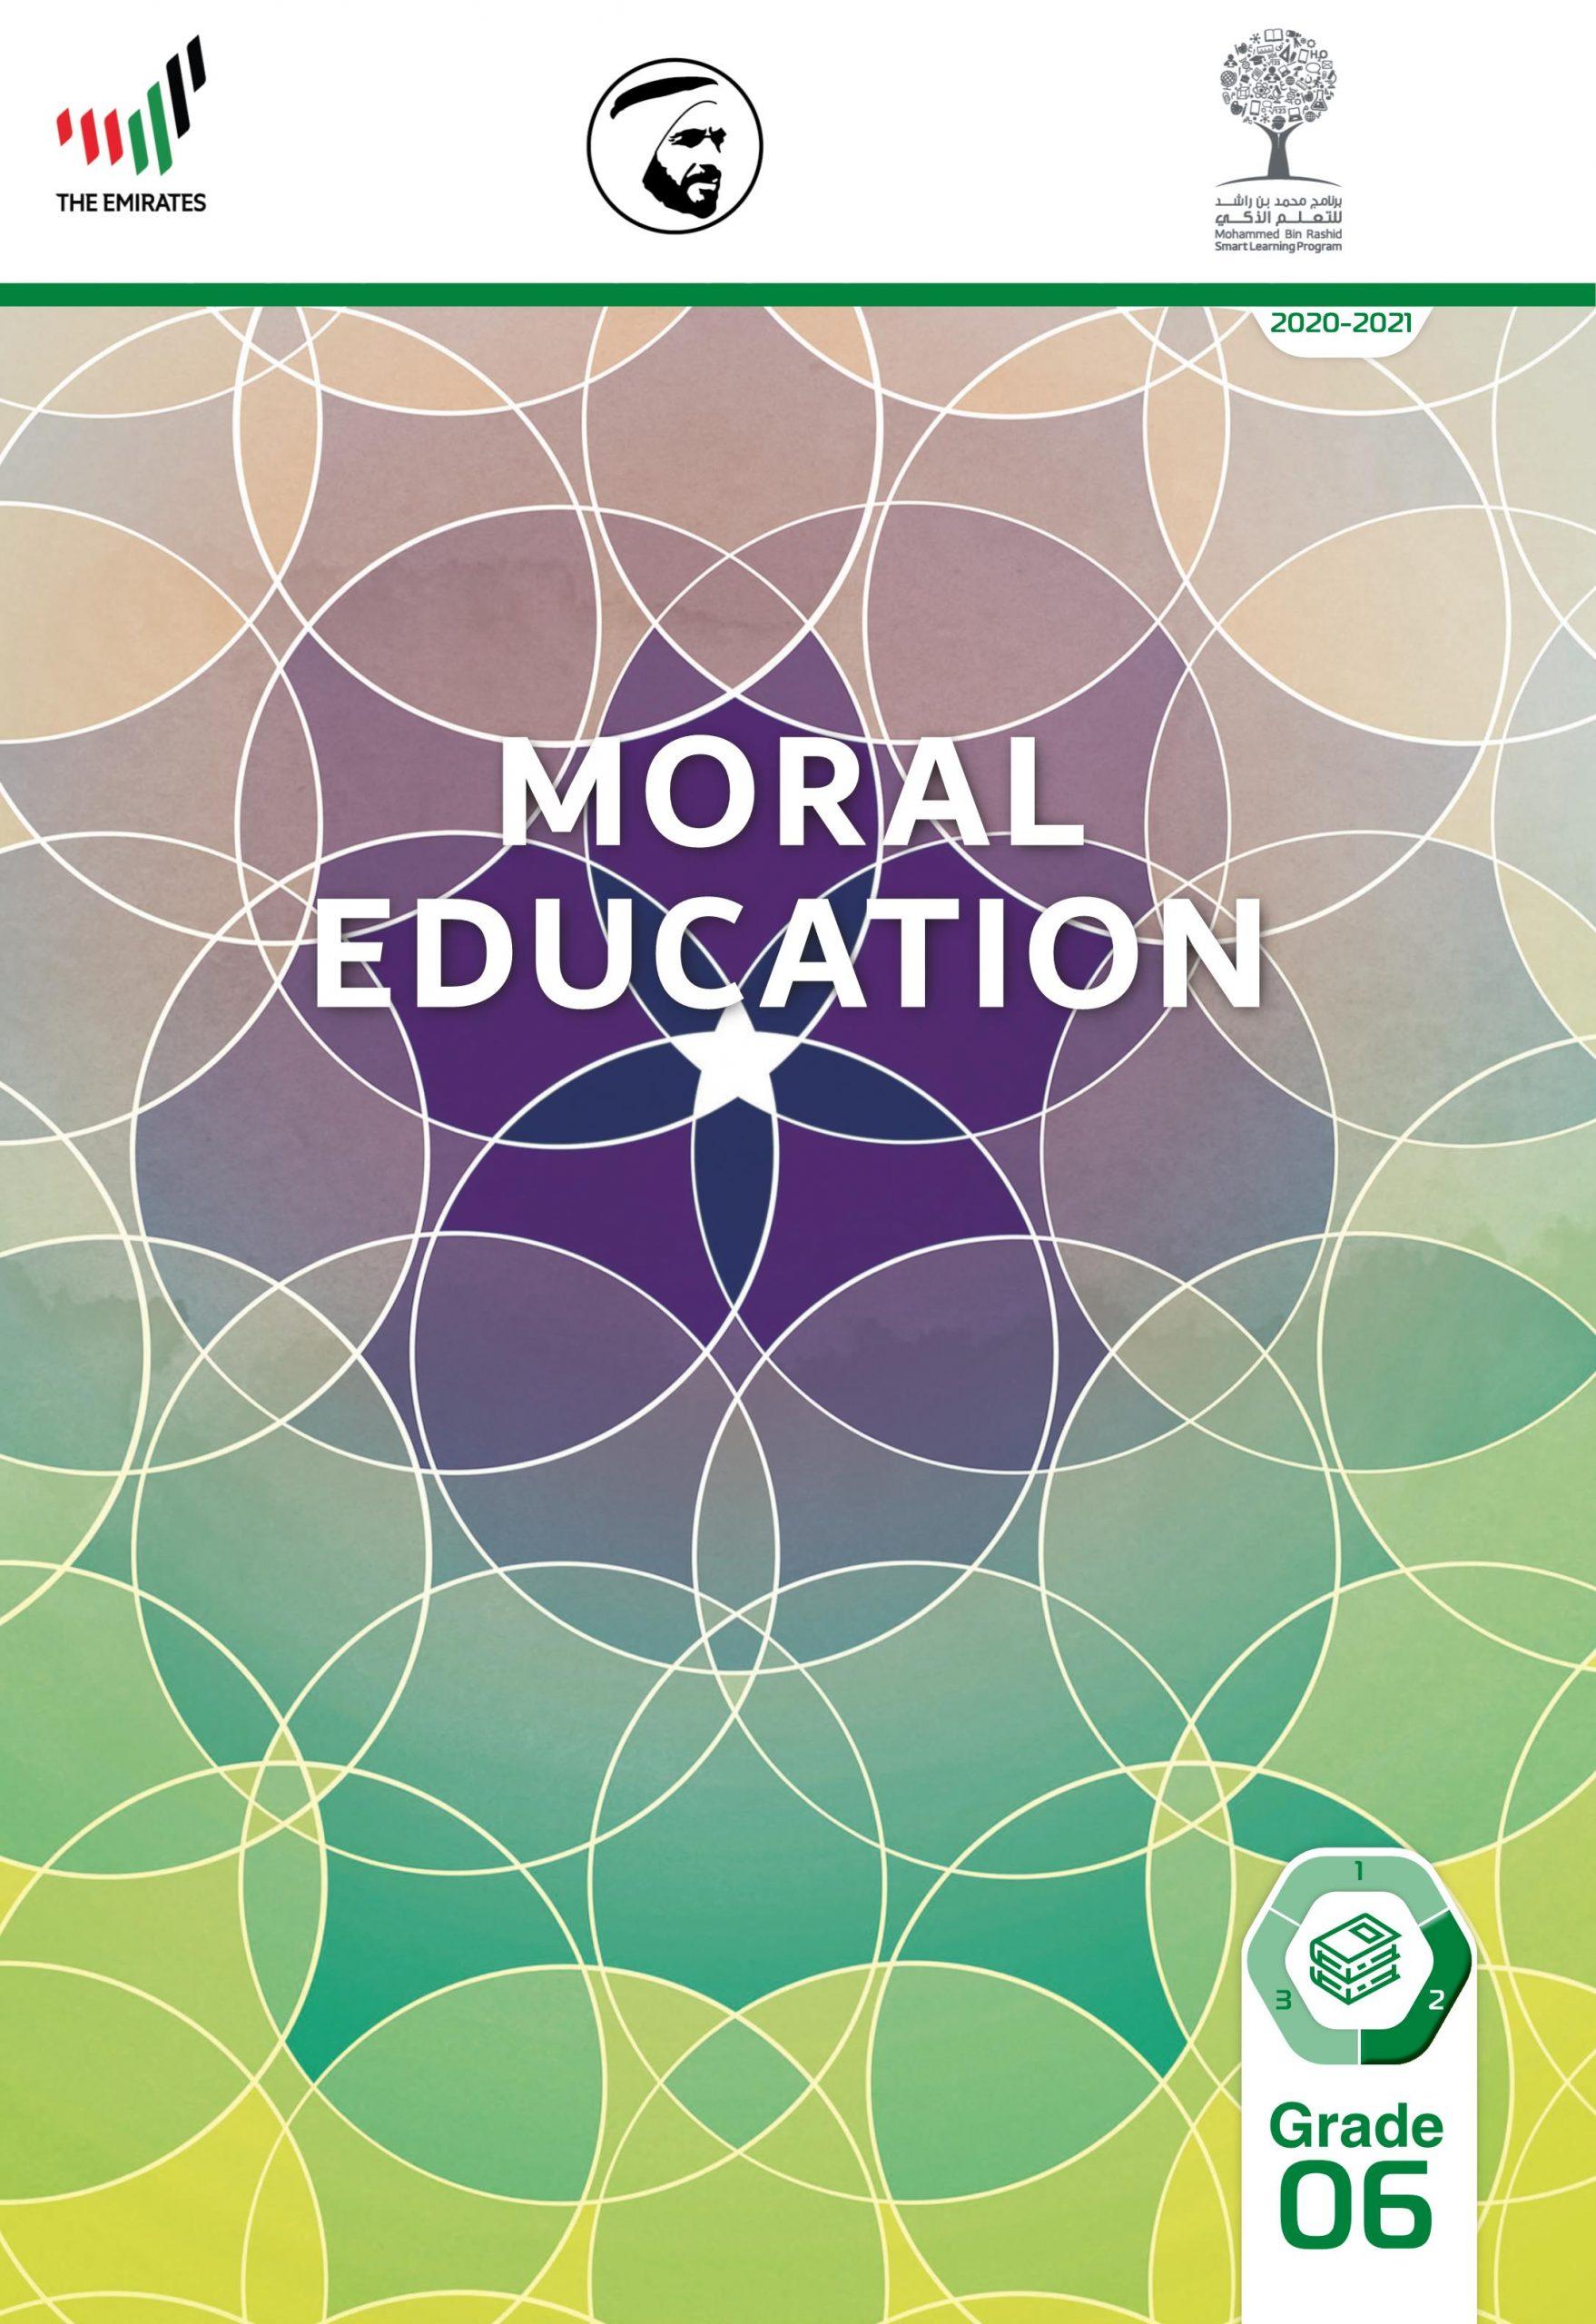 كتاب الطالب بالانجليزي الفصل الدراسي الثاني 2020-2021 الصف السادس مادة التربية الاخلاقية